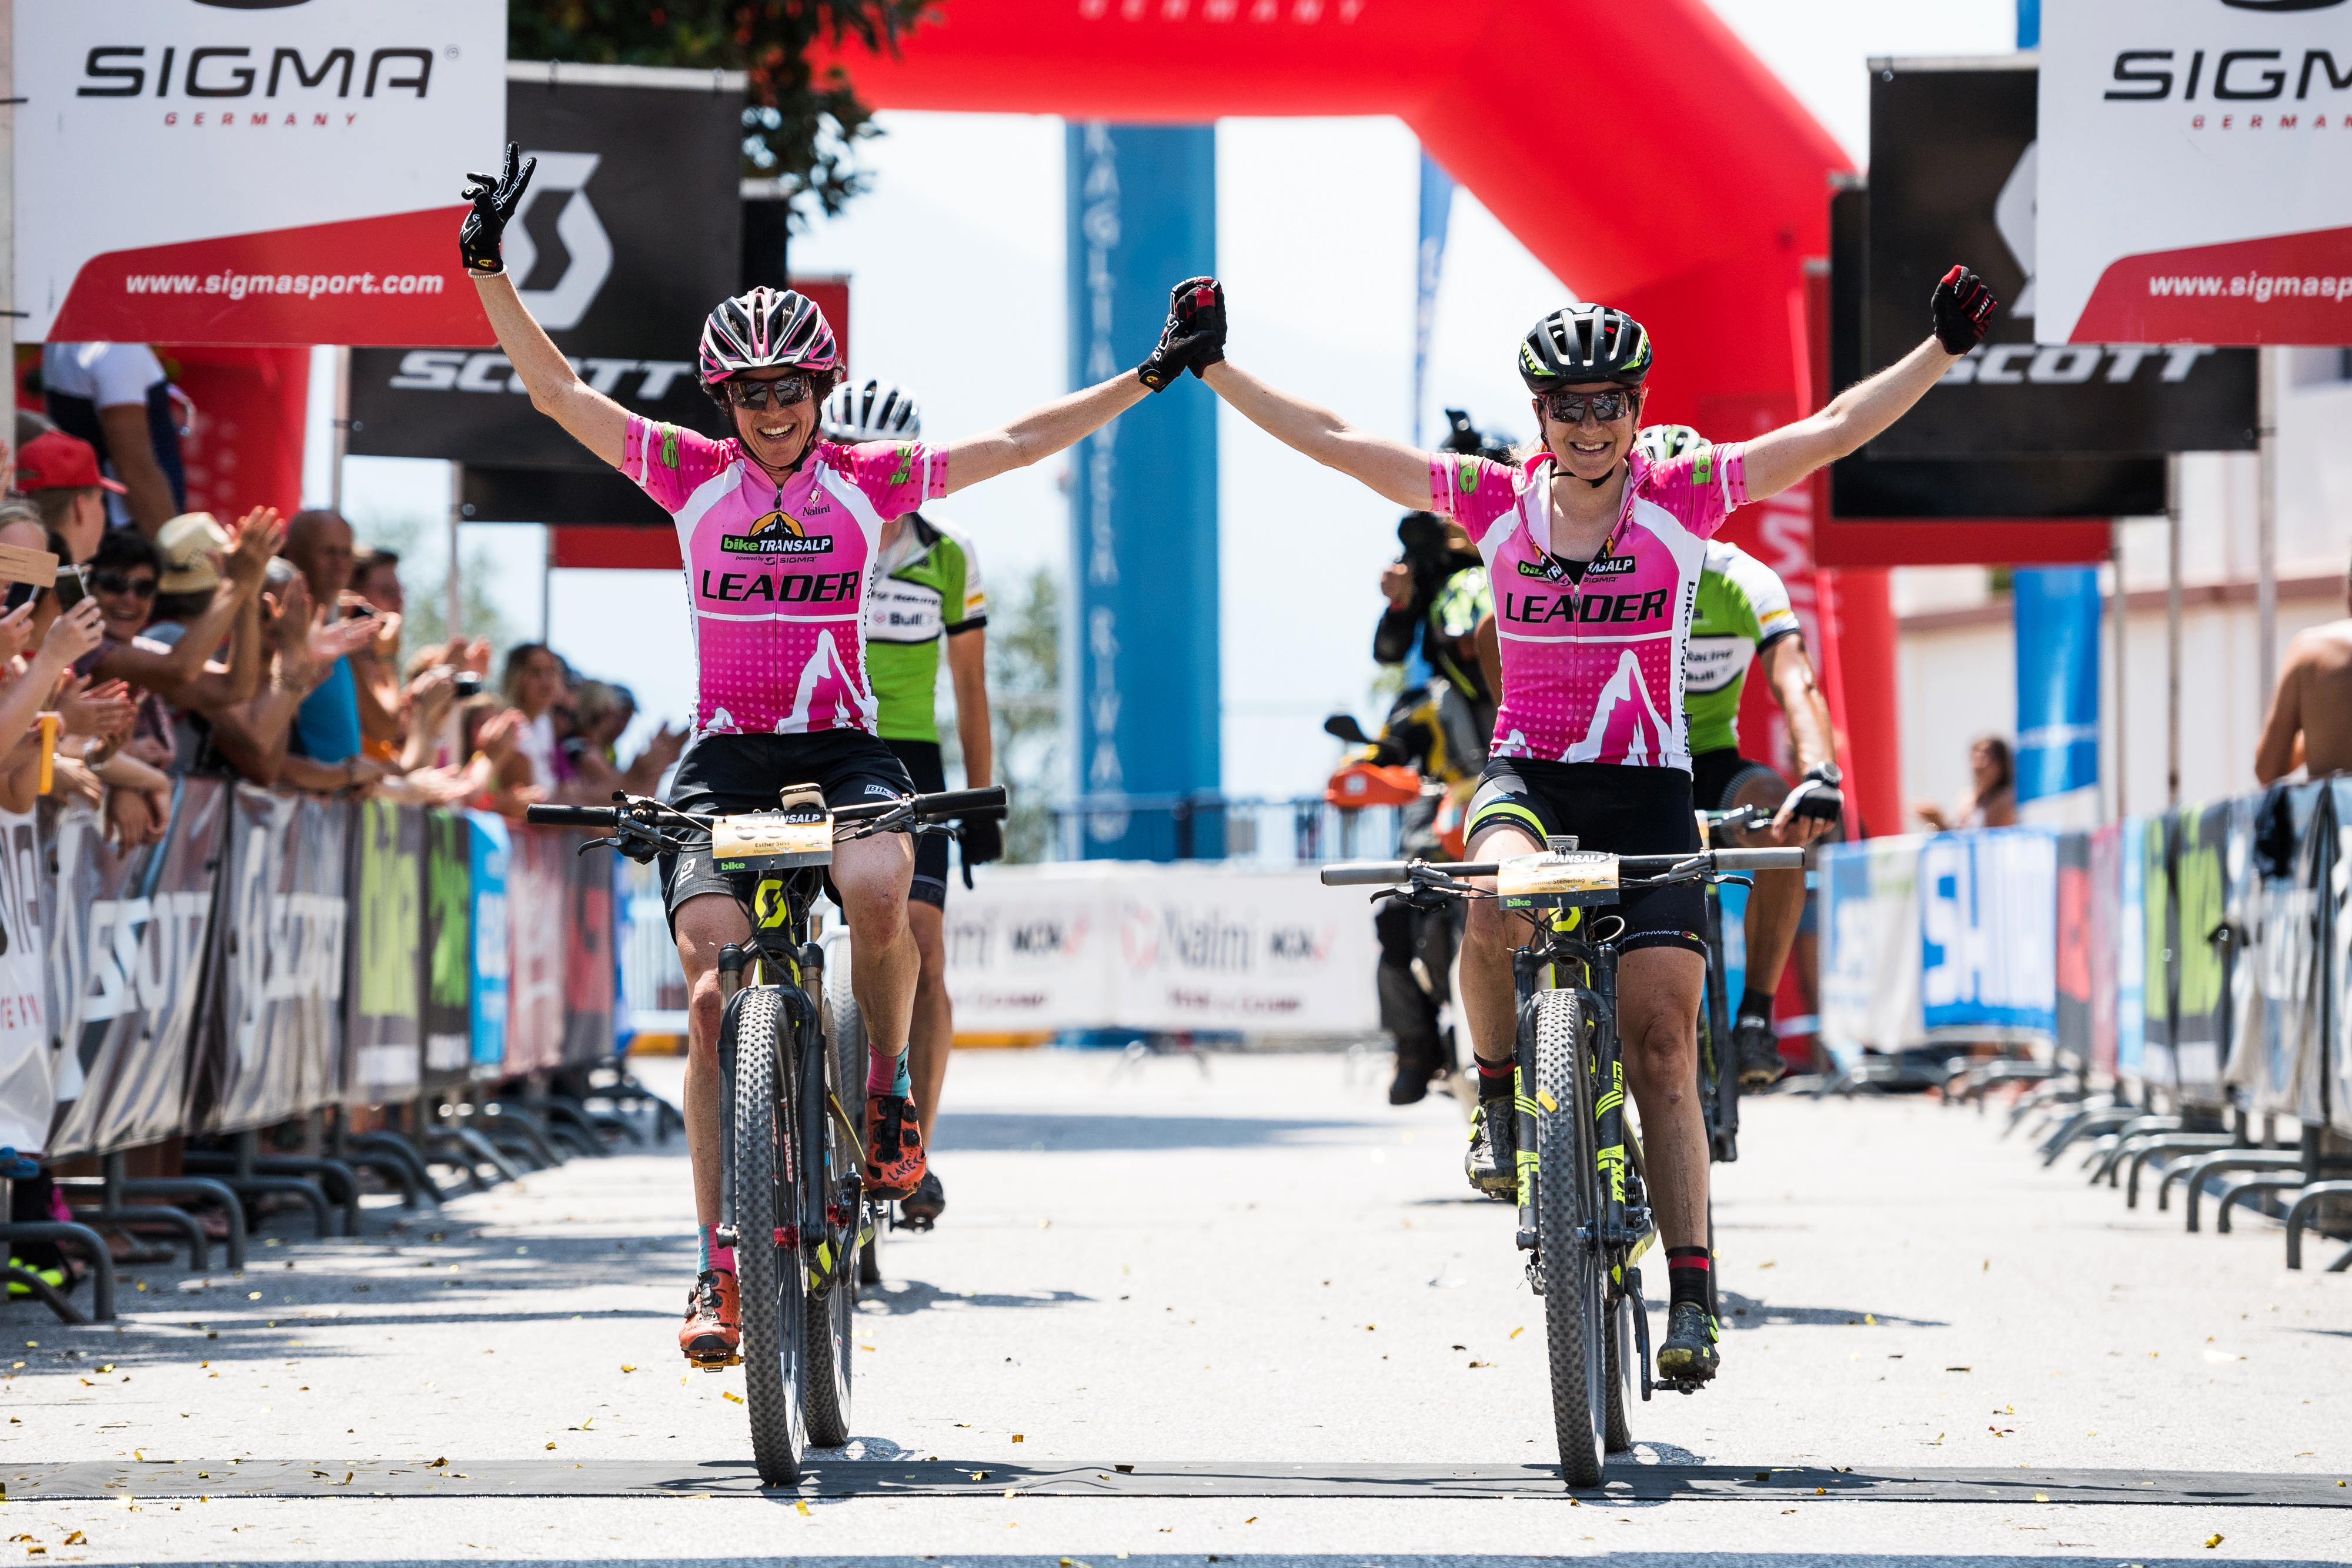 Esther Süss und Jennie Stenerhag gewannen auch die siebte Etappe und damit die Goldmedaille in der Gesamtwertung. © Miha Matavz